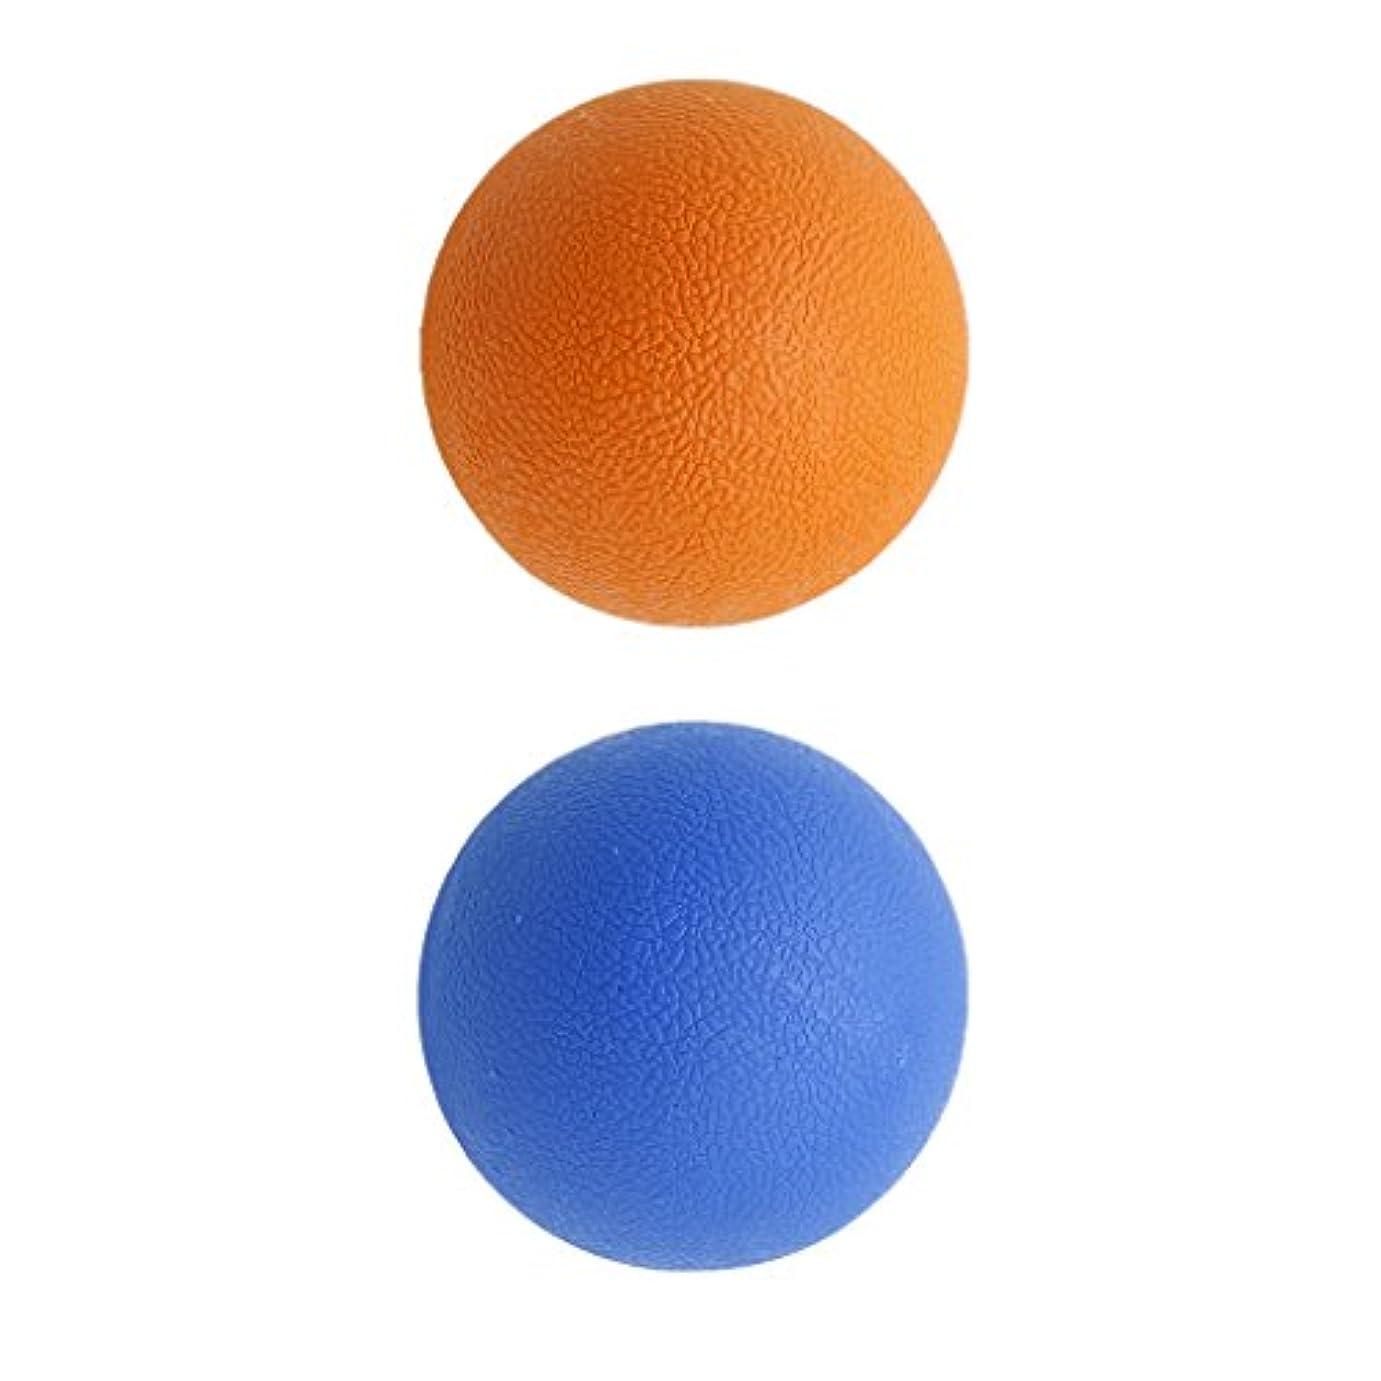 噴火パキスタン便宜Kesoto 2個 マッサージボール ラクロスボール 背部 トリガ ポイント マッサージ 多色選べる - オレンジブルー